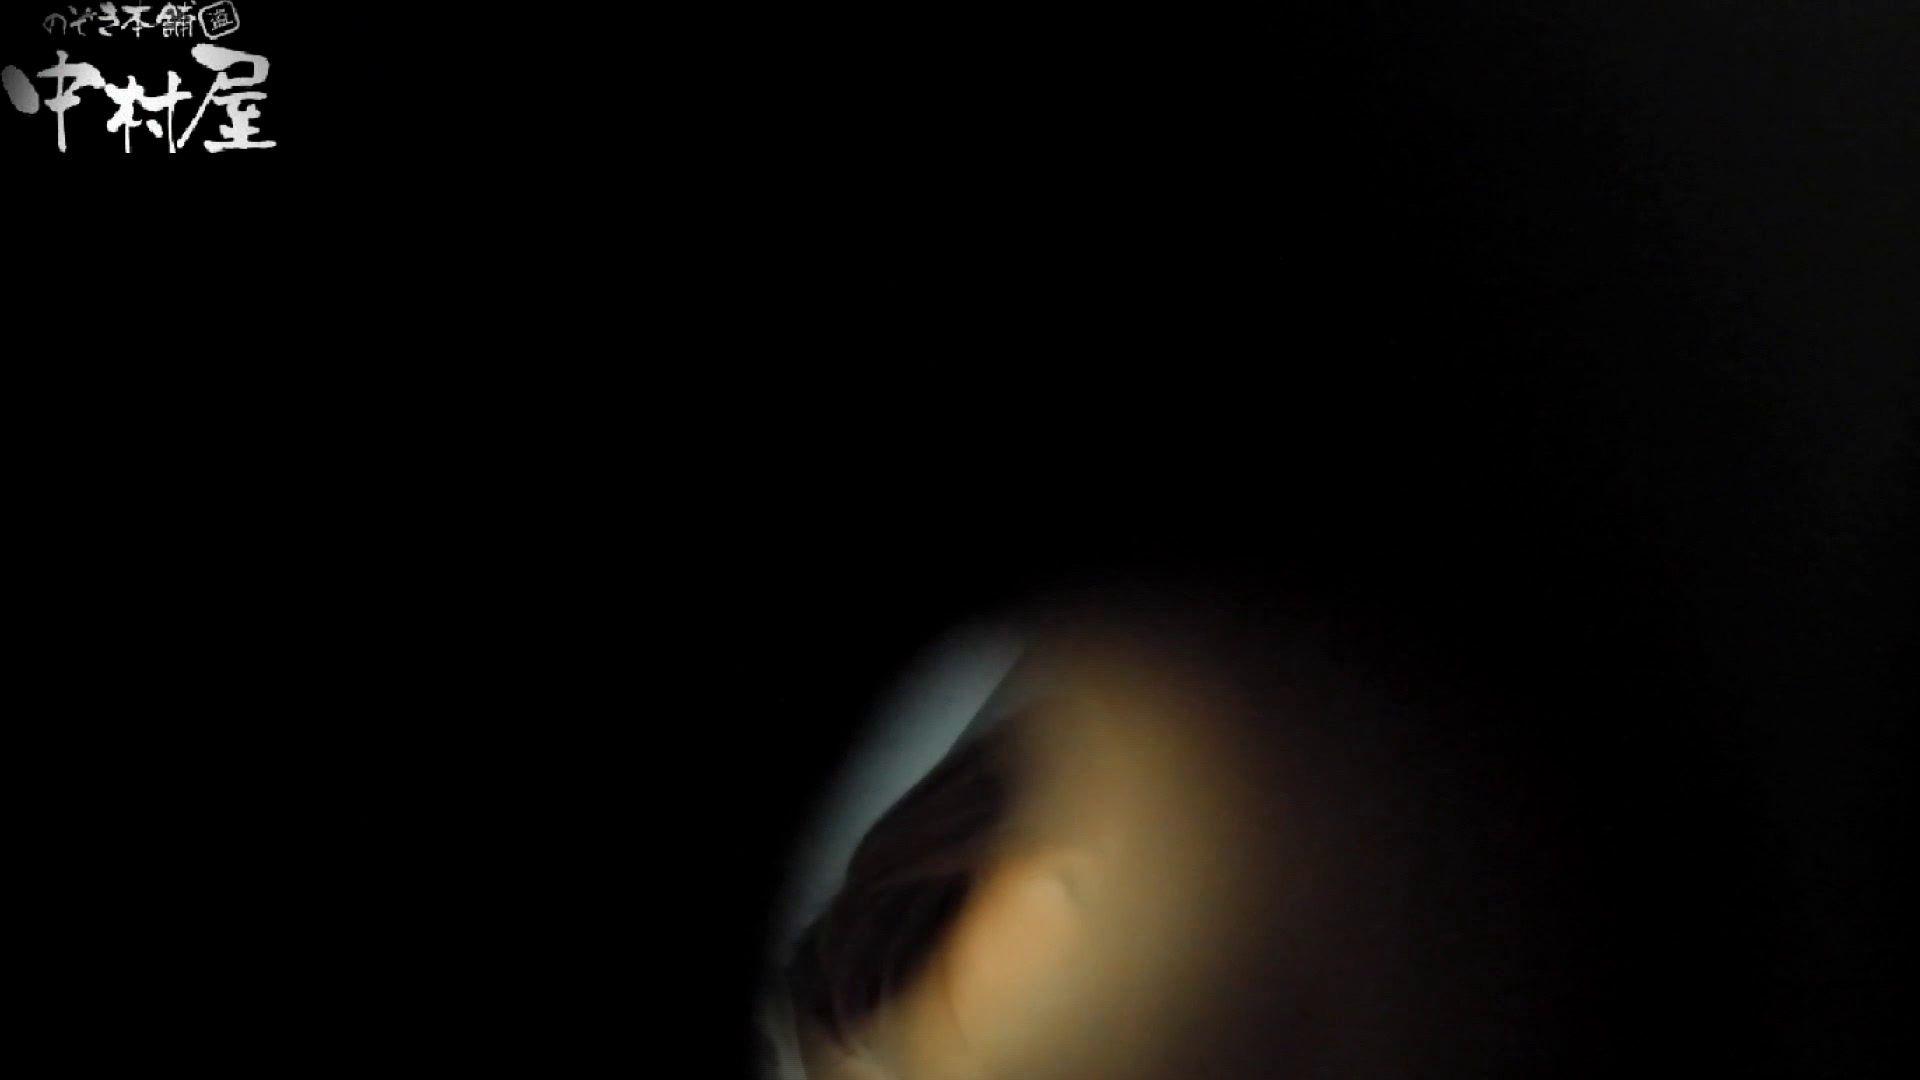 世界の射窓から vol.45 尻出しスマホ 後編 HなOL   洗面所  68pic 12